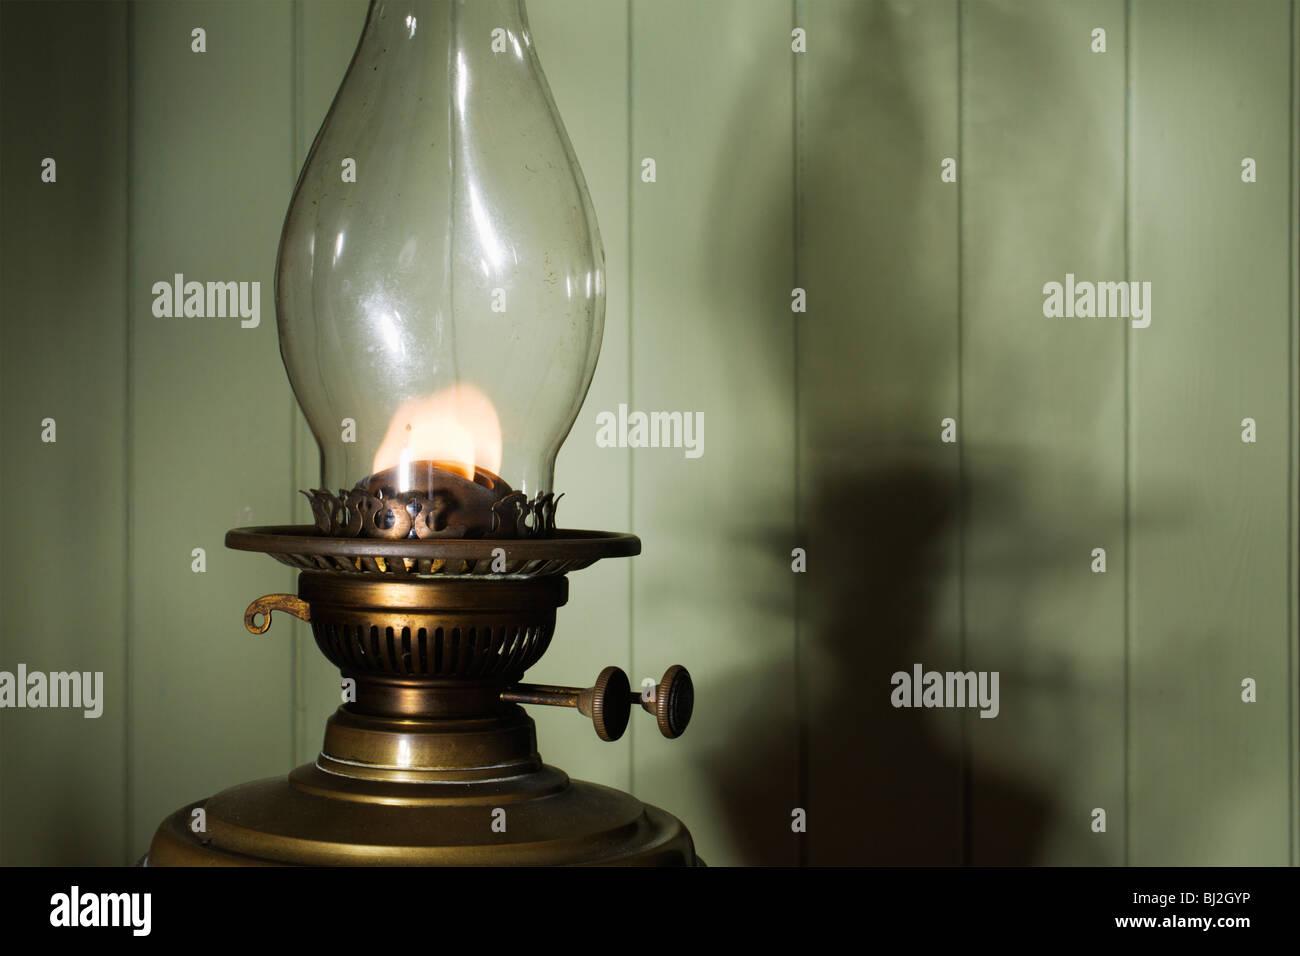 Un ottone olio di paraffina lampada. Immagini Stock